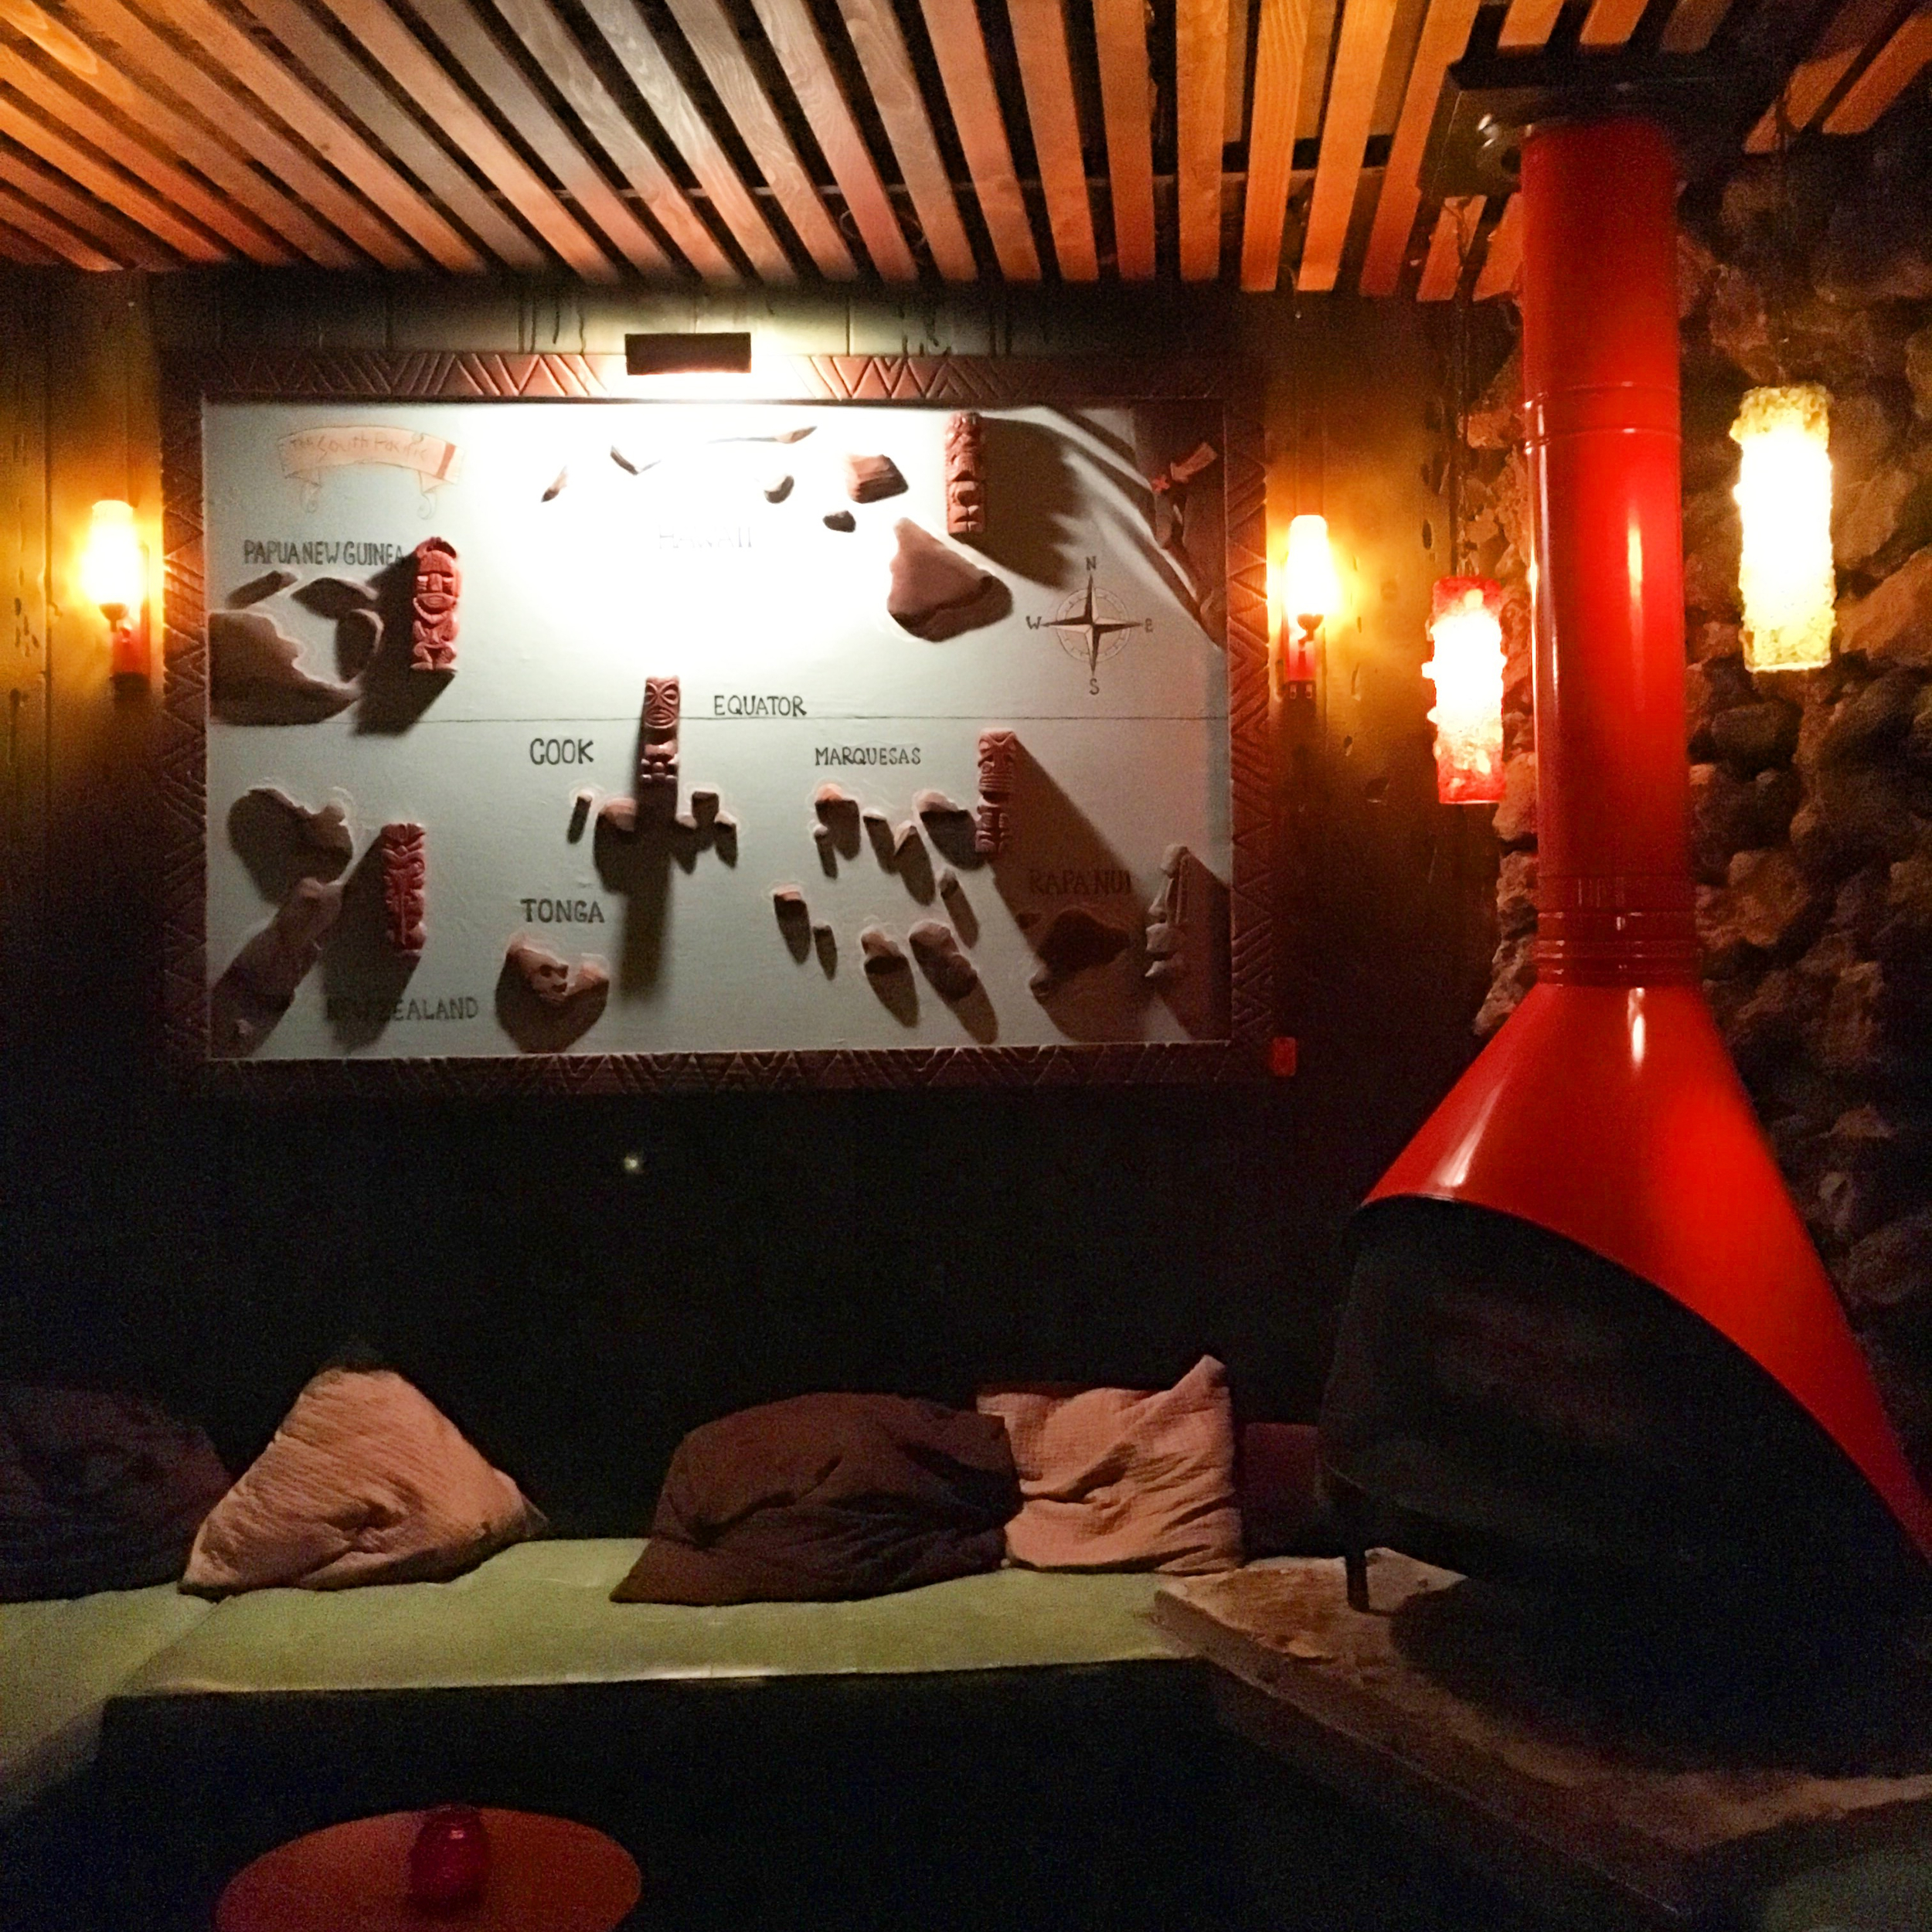 tonga-hut-fireplace.jpg